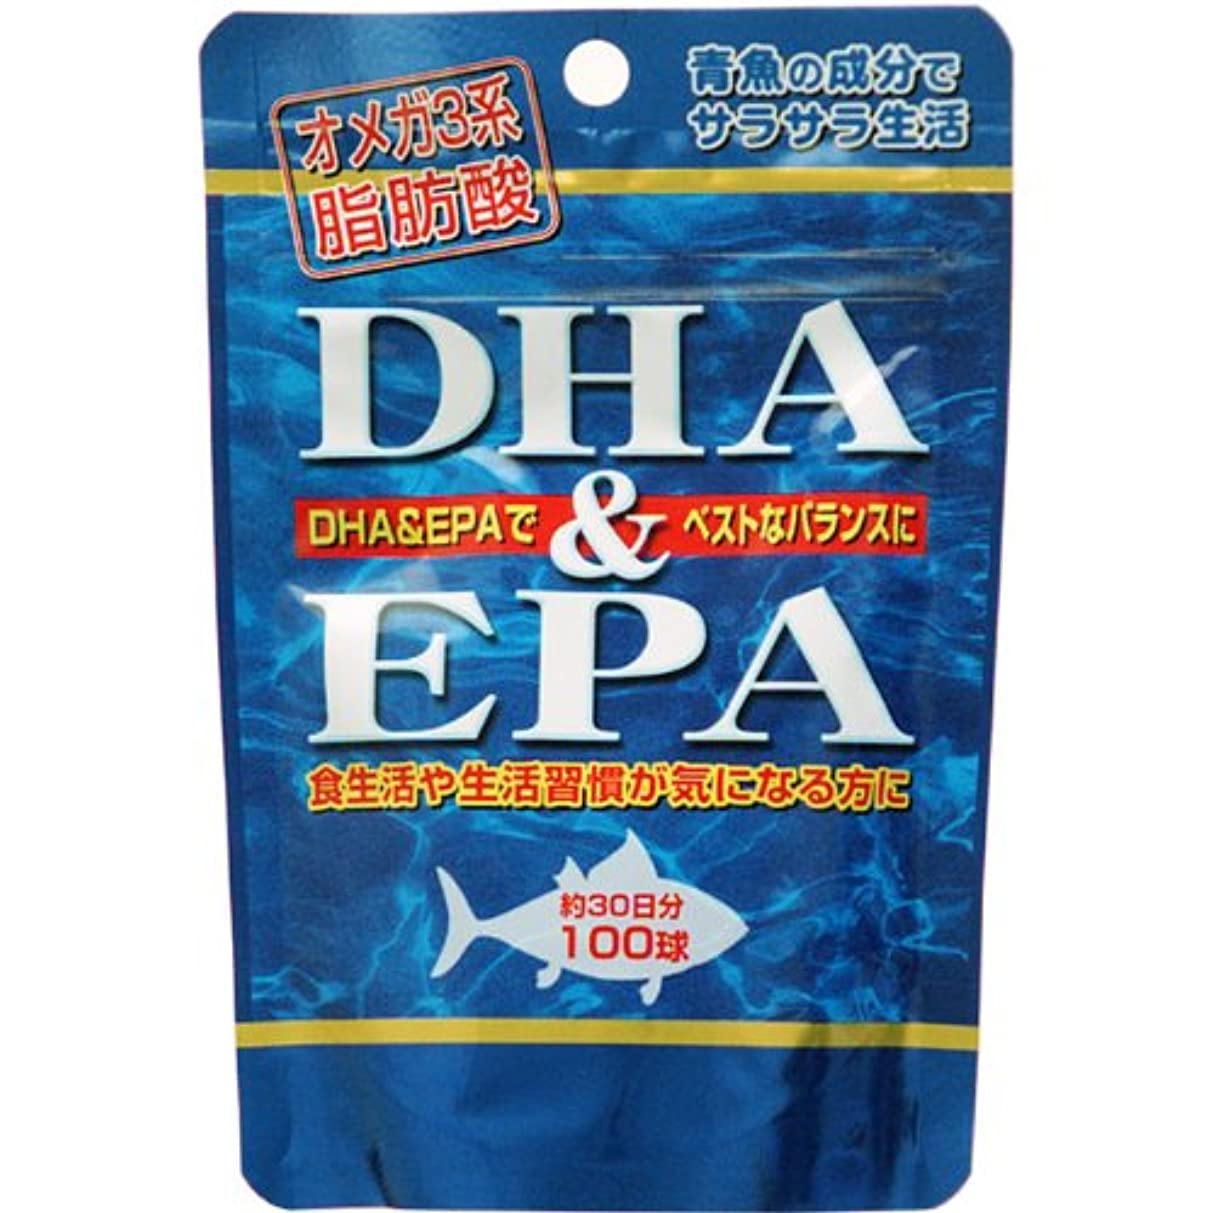 ヘルパーにじみ出る大通りDHA(ドコサヘキサエン酸)&EPA(エイコサペンタエン酸)